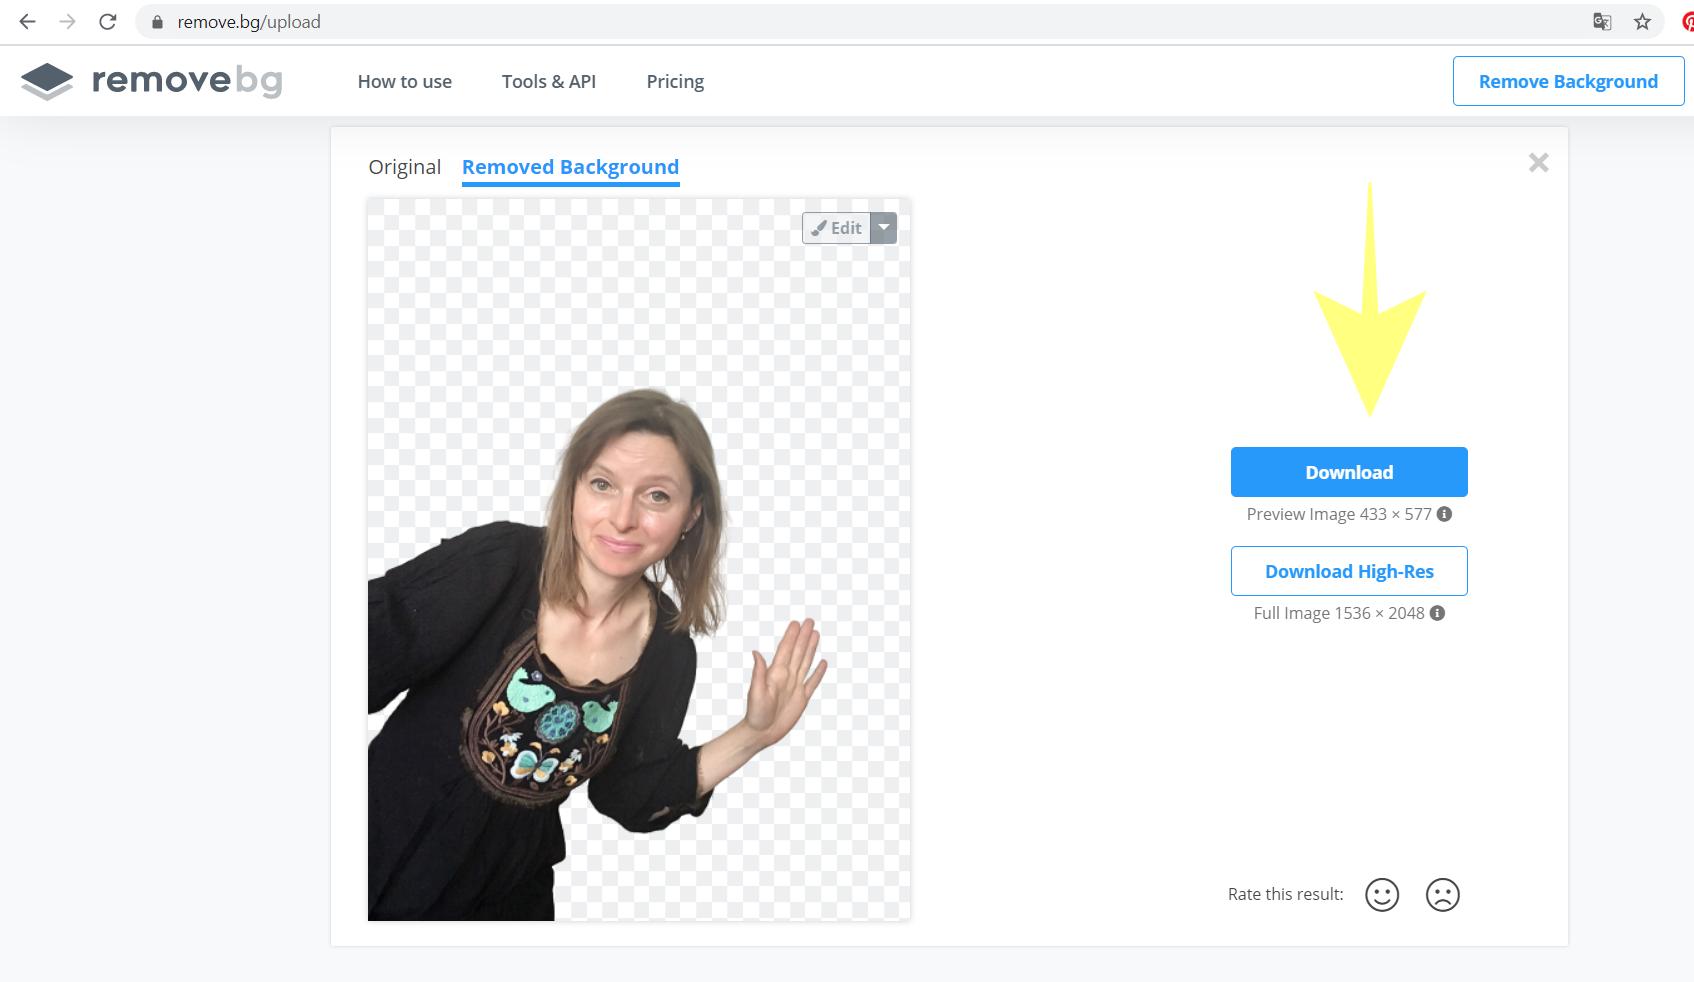 Jak szybko usunąć tło ze zdjęcia (za darmo)? Jak prosto stworzyć grafiki sprzedażowe z własną podobizną?